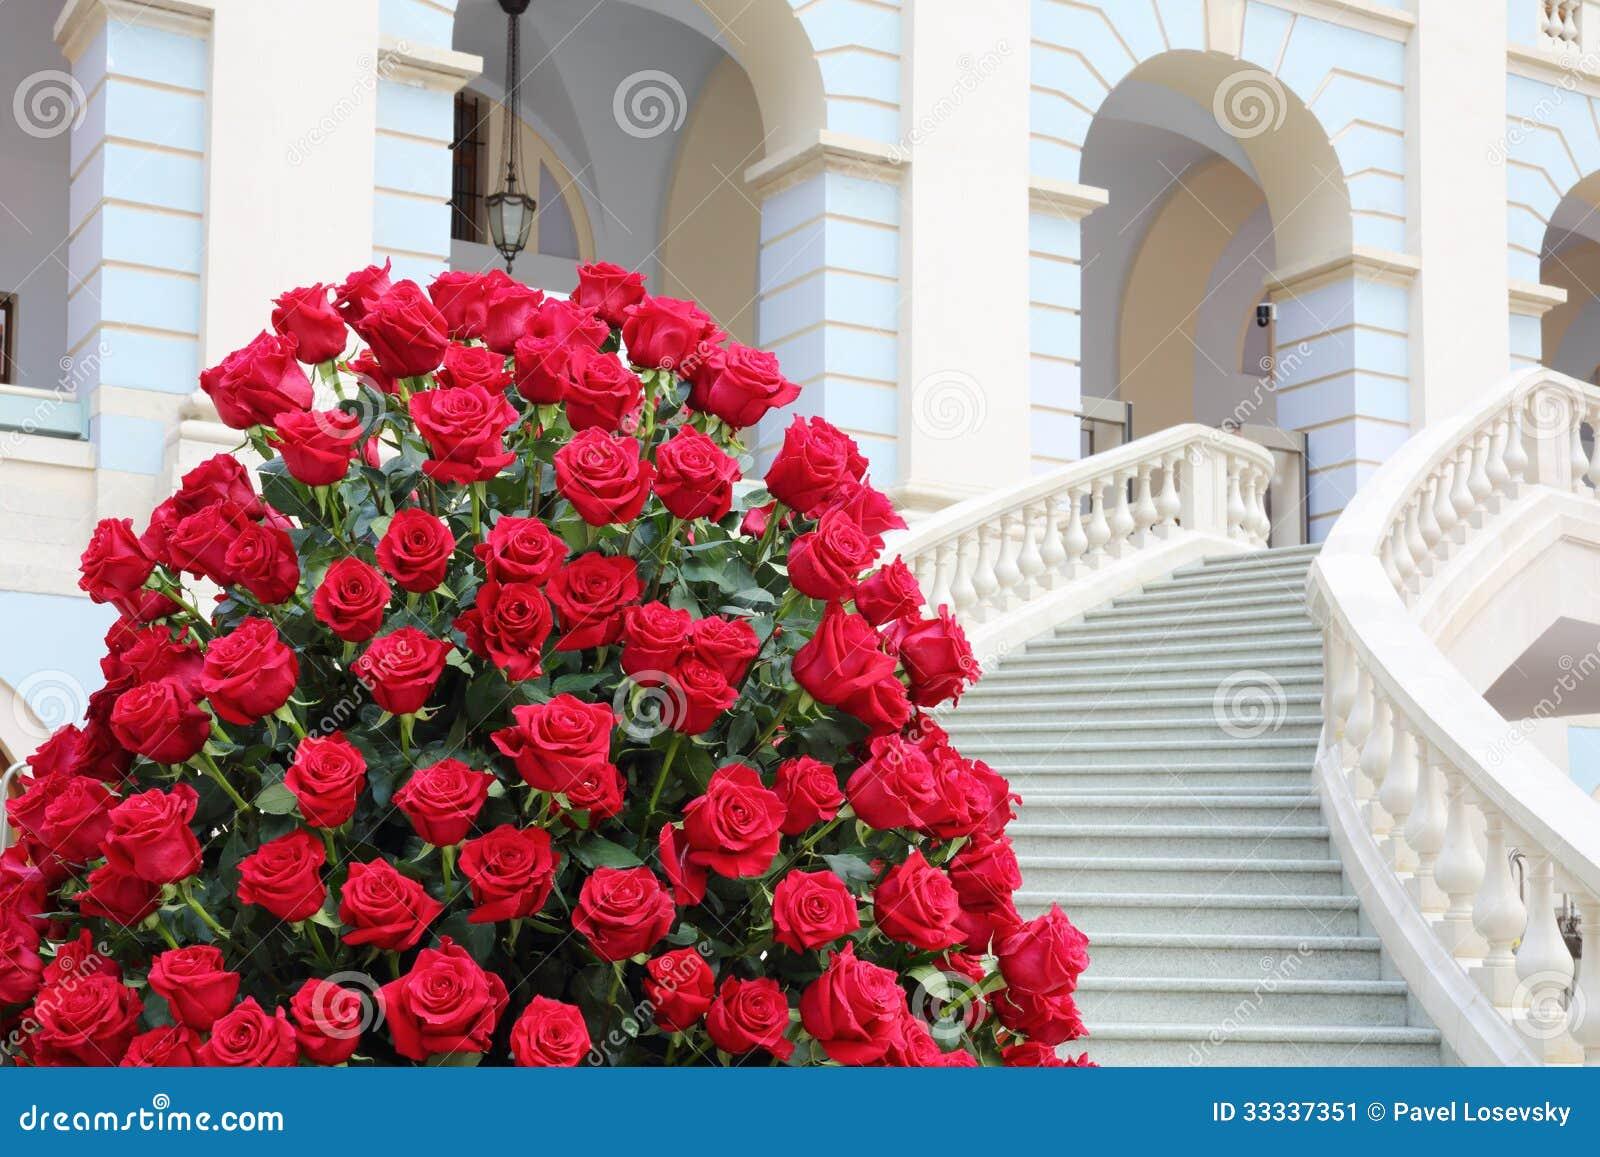 El Ramo Hermoso Grande De Rosas Rojas Acerca A La Escalera